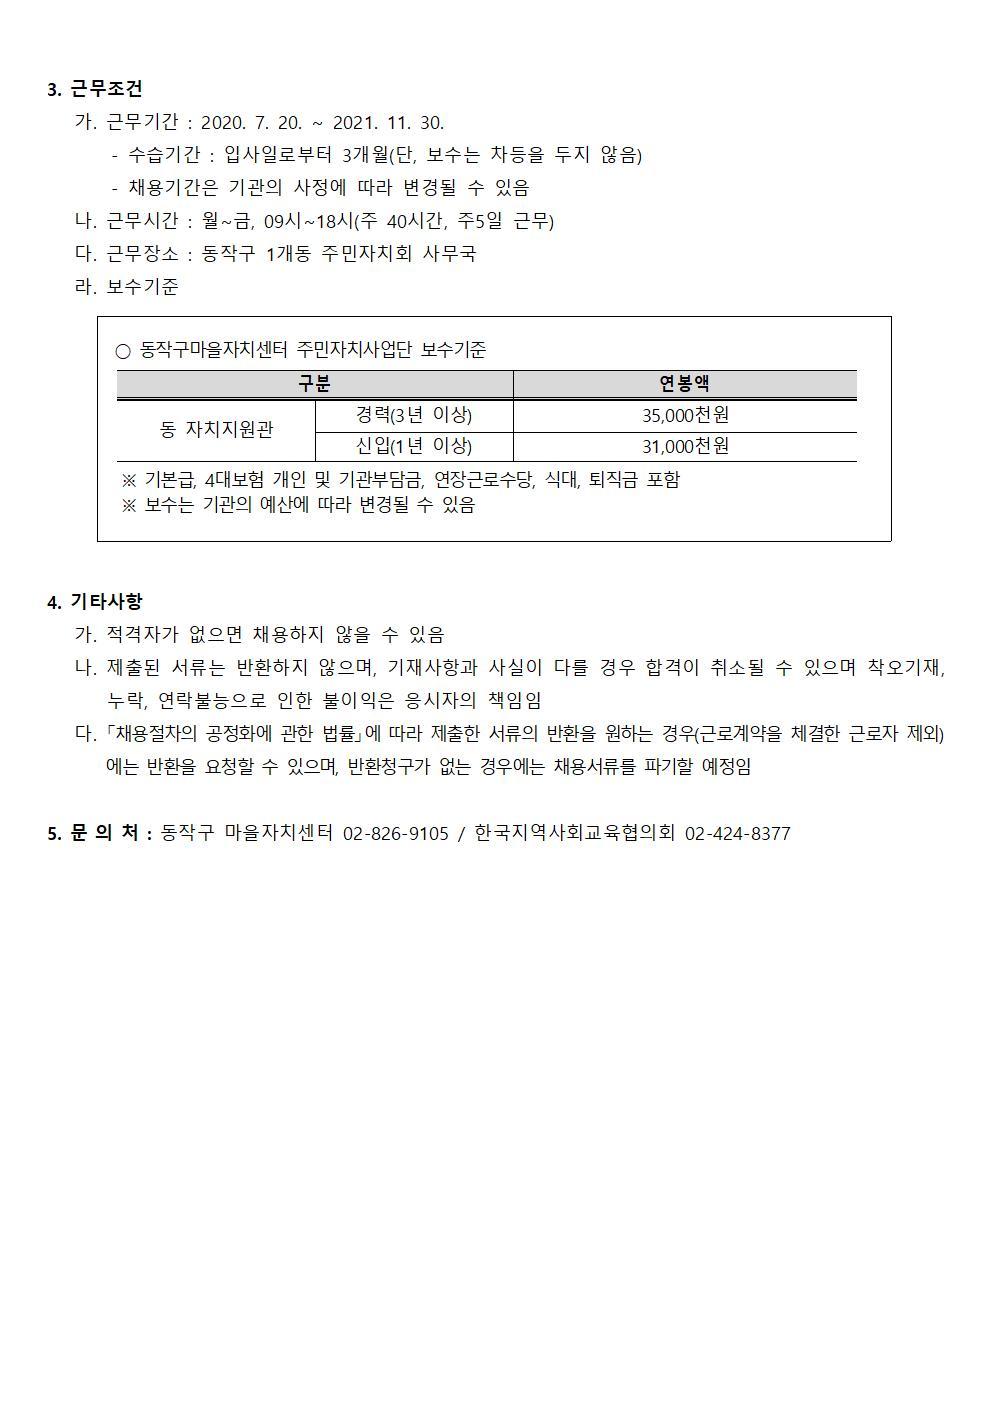 ★동작구마을자치센터 인력채용 모집 공고(20200708)002.jpg